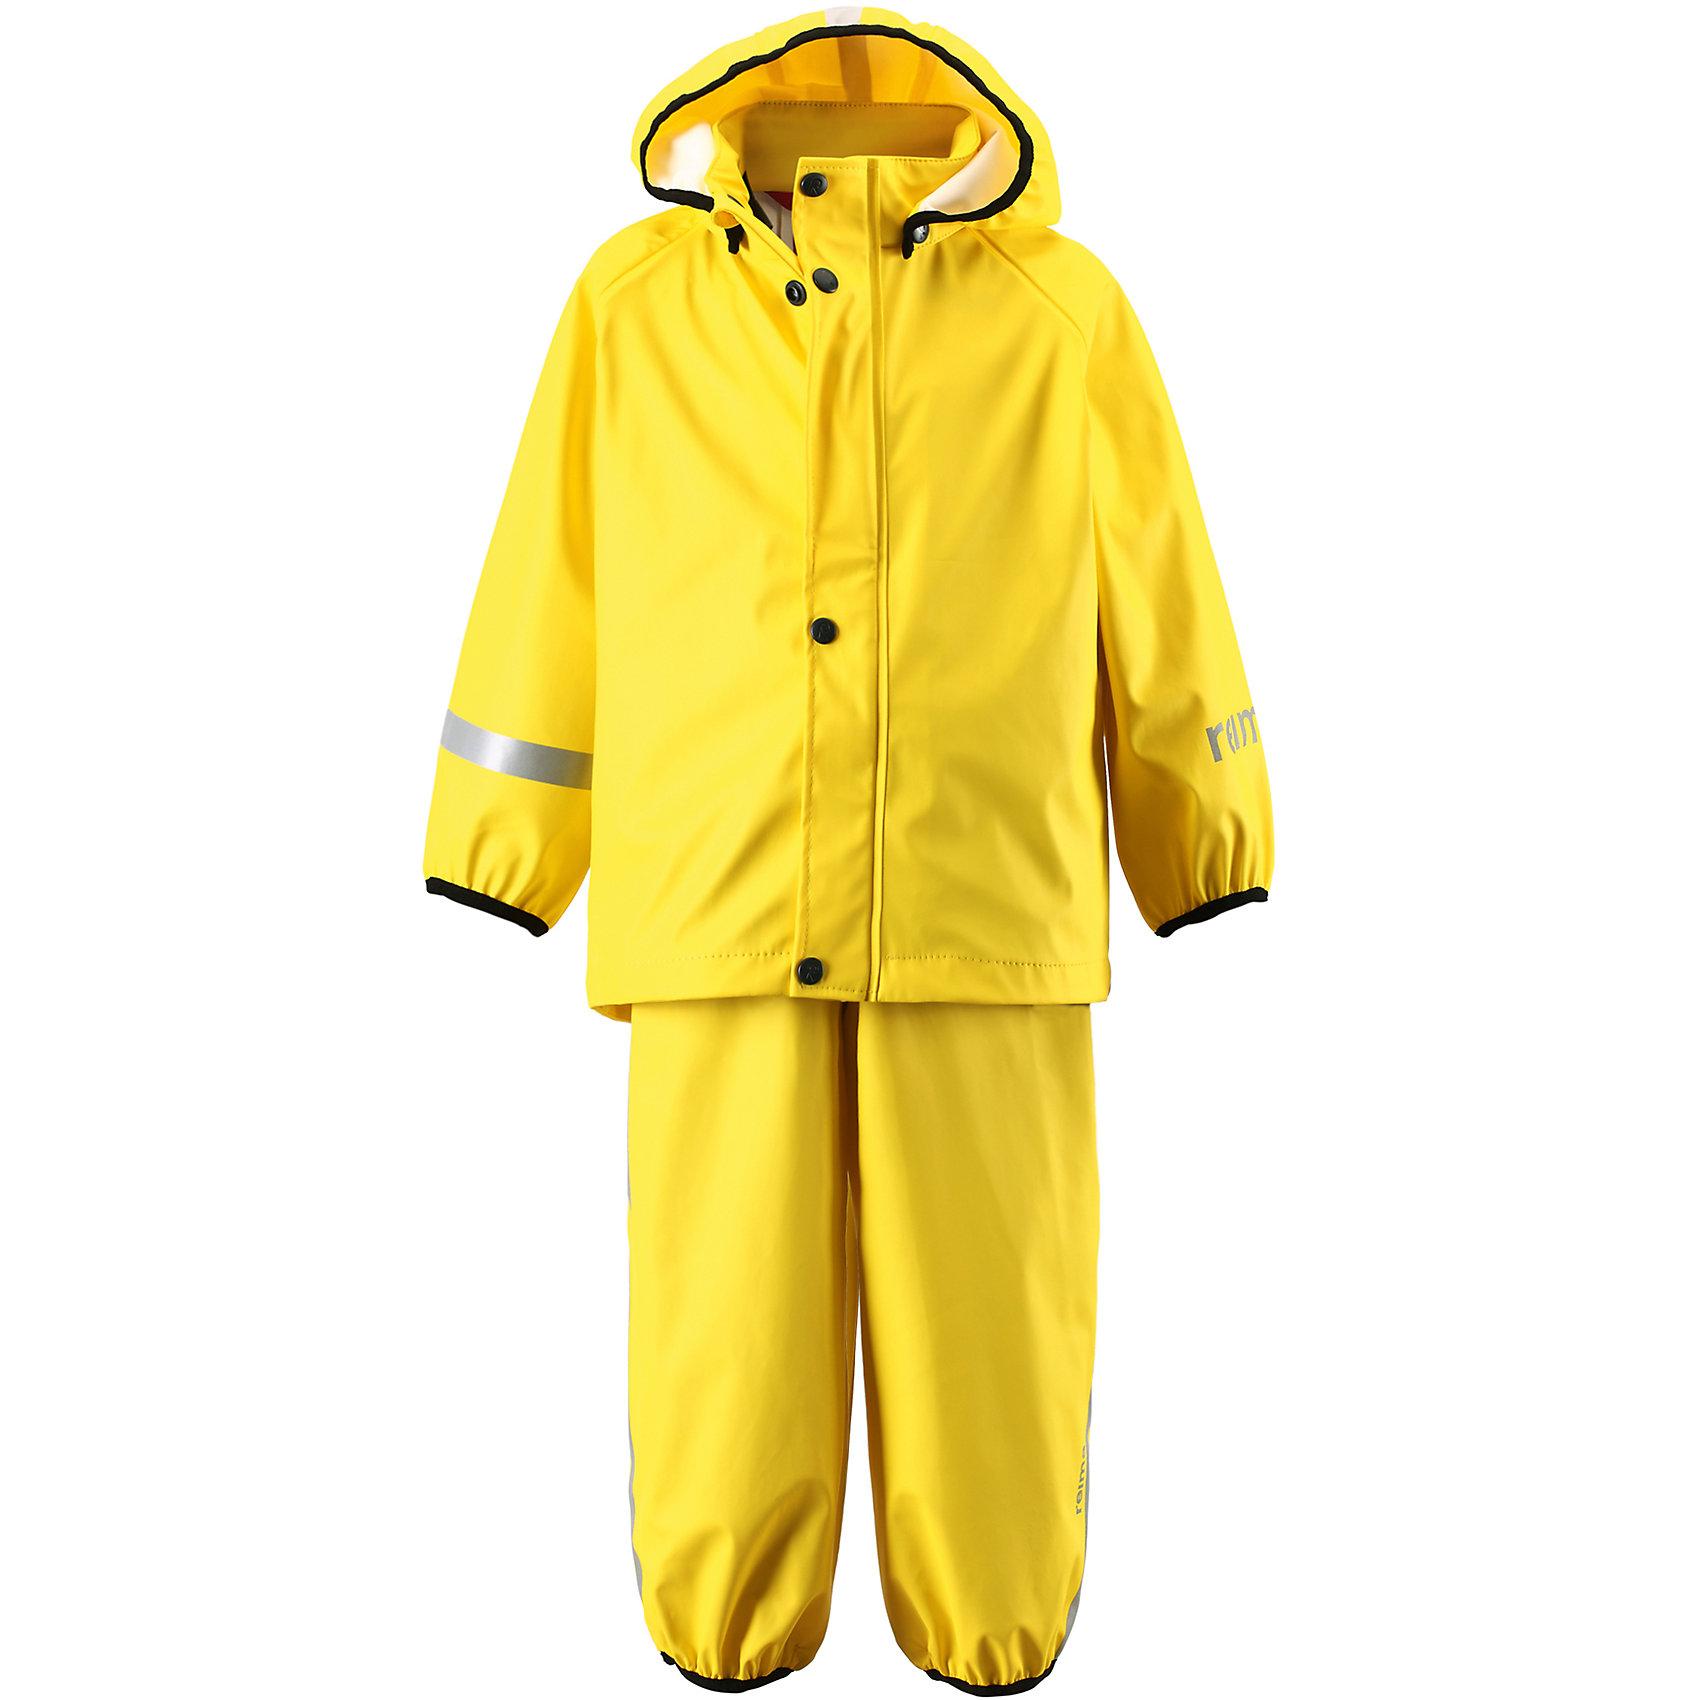 Непромокаемый комплект: куртка и брюки Tihku ReimaОдежда<br>Непромокаемый комплект: куртка и брюки Reima.<br>Комплект для дождливой погоды для малышей. Запаянные швы, не пропускающие влагу. Эластичный материал. Без ПХВ. Безопасный, съемный капюшон. Эластичная резинка на кромке капюшона. Эластичные манжеты. Регулируемый обхват талии. Эластичная резинка на штанинах. Съемные эластичные штрипки. Молния спереди. Регулируемые эластичные подтяжки. Безопасные светоотражающие детали. Отличный вариант для дождливой погоды.<br>Уход:<br>Стирать по отдельности, вывернув наизнанку. Застегнуть молнии и липучки. Стирать моющим средством, не содержащим отбеливающие вещества. Полоскать без специального средства. Во избежание изменения цвета изделие необходимо вынуть из стиральной машинки незамедлительно после окончания программы стирки. Сушить при низкой температуре.<br>Состав:<br>100% Полиамид, полиуретановое покрытие<br><br>Ширина мм: 356<br>Глубина мм: 10<br>Высота мм: 245<br>Вес г: 519<br>Цвет: желтый<br>Возраст от месяцев: 6<br>Возраст до месяцев: 9<br>Пол: Унисекс<br>Возраст: Детский<br>Размер: 74,98,110,80,104,92,86,116<br>SKU: 4776172